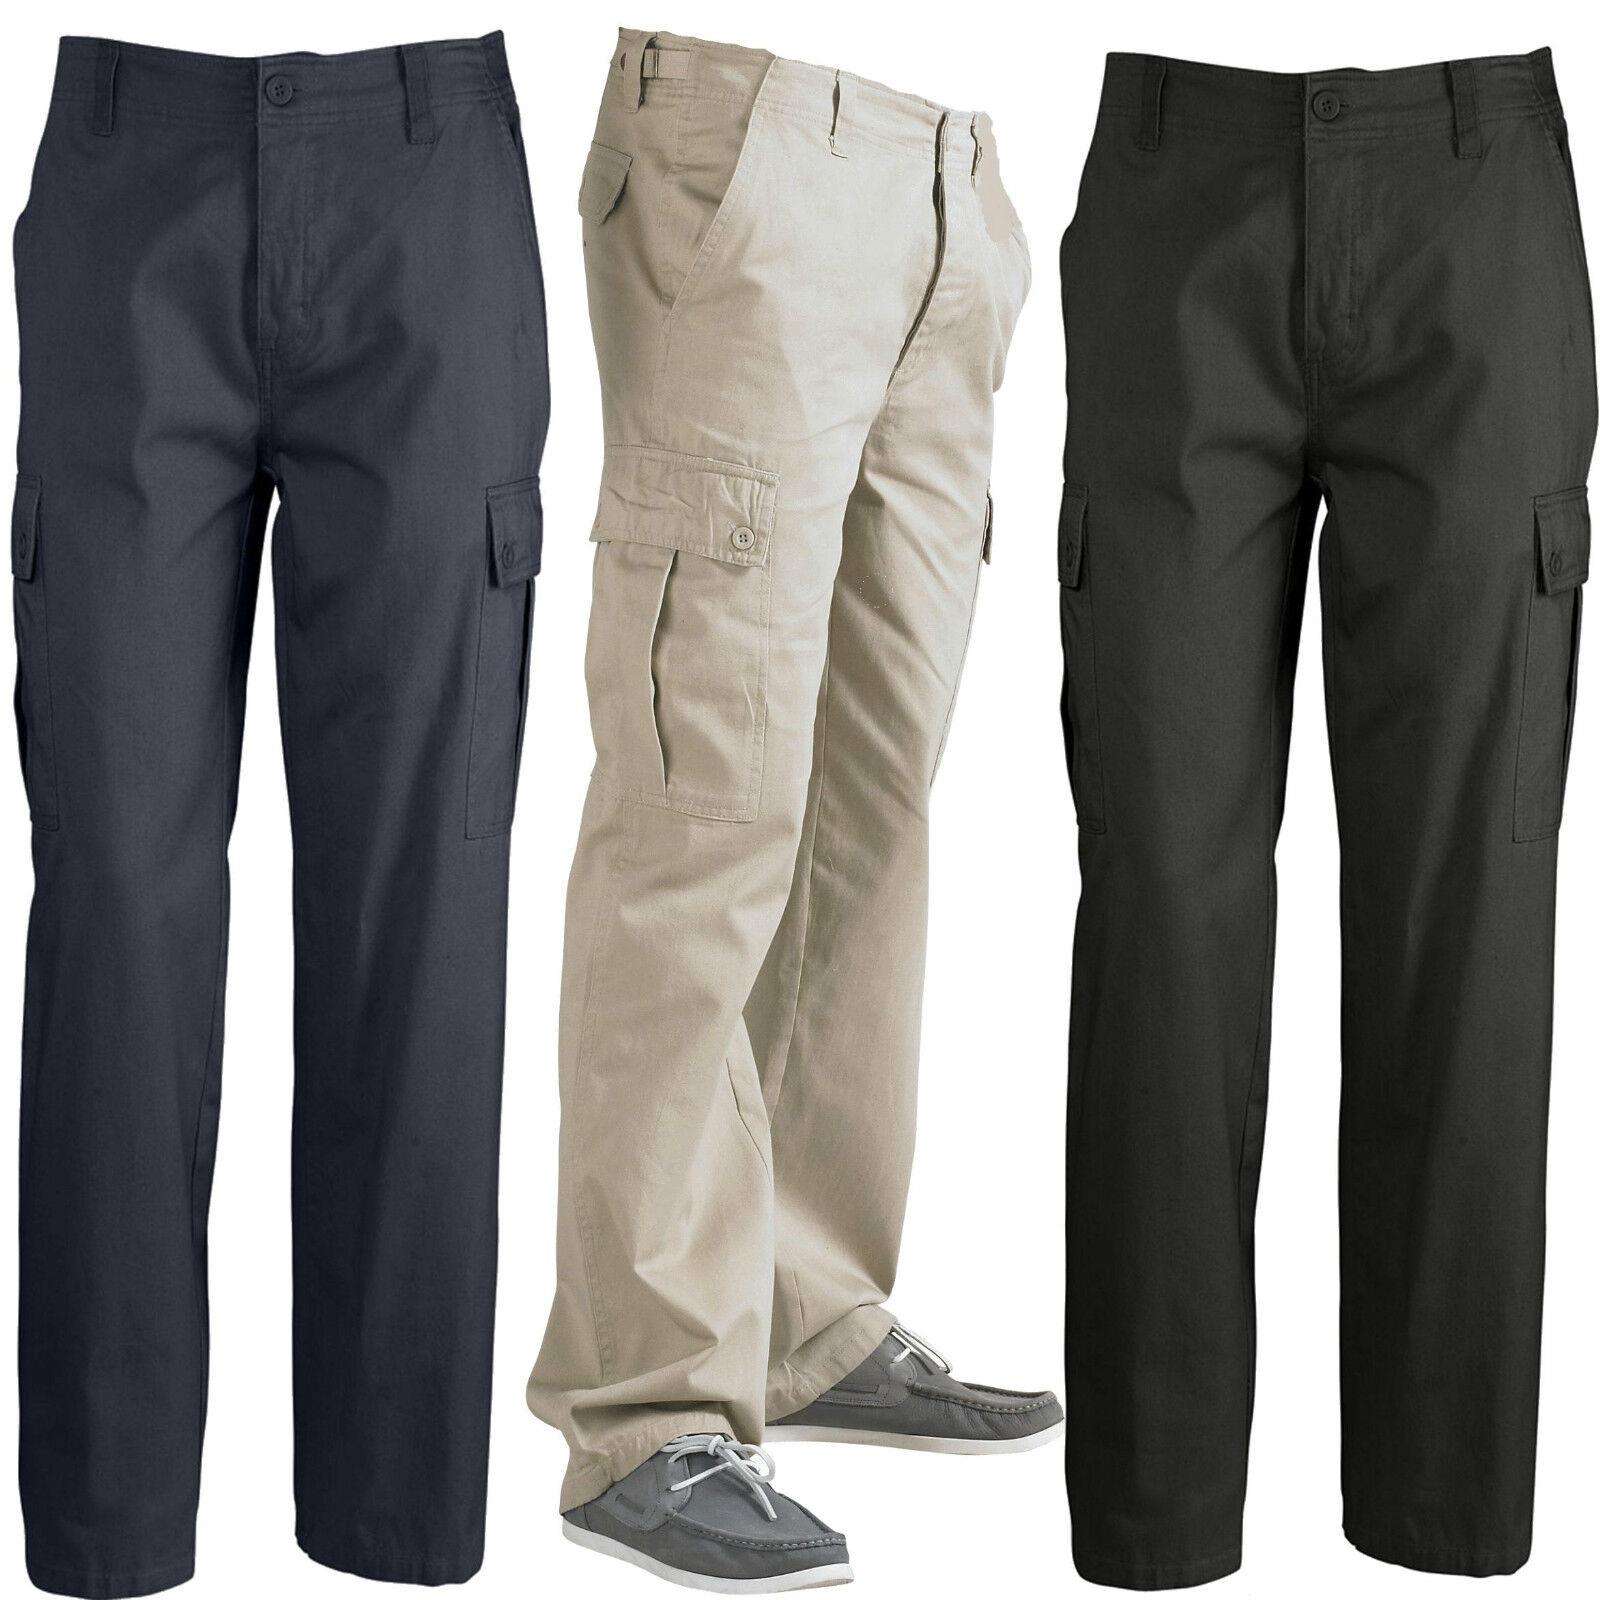 Sols Men's Cargo Pants Leisure Cargo Trousers Plus Size XS S M L XL XXL 3XL